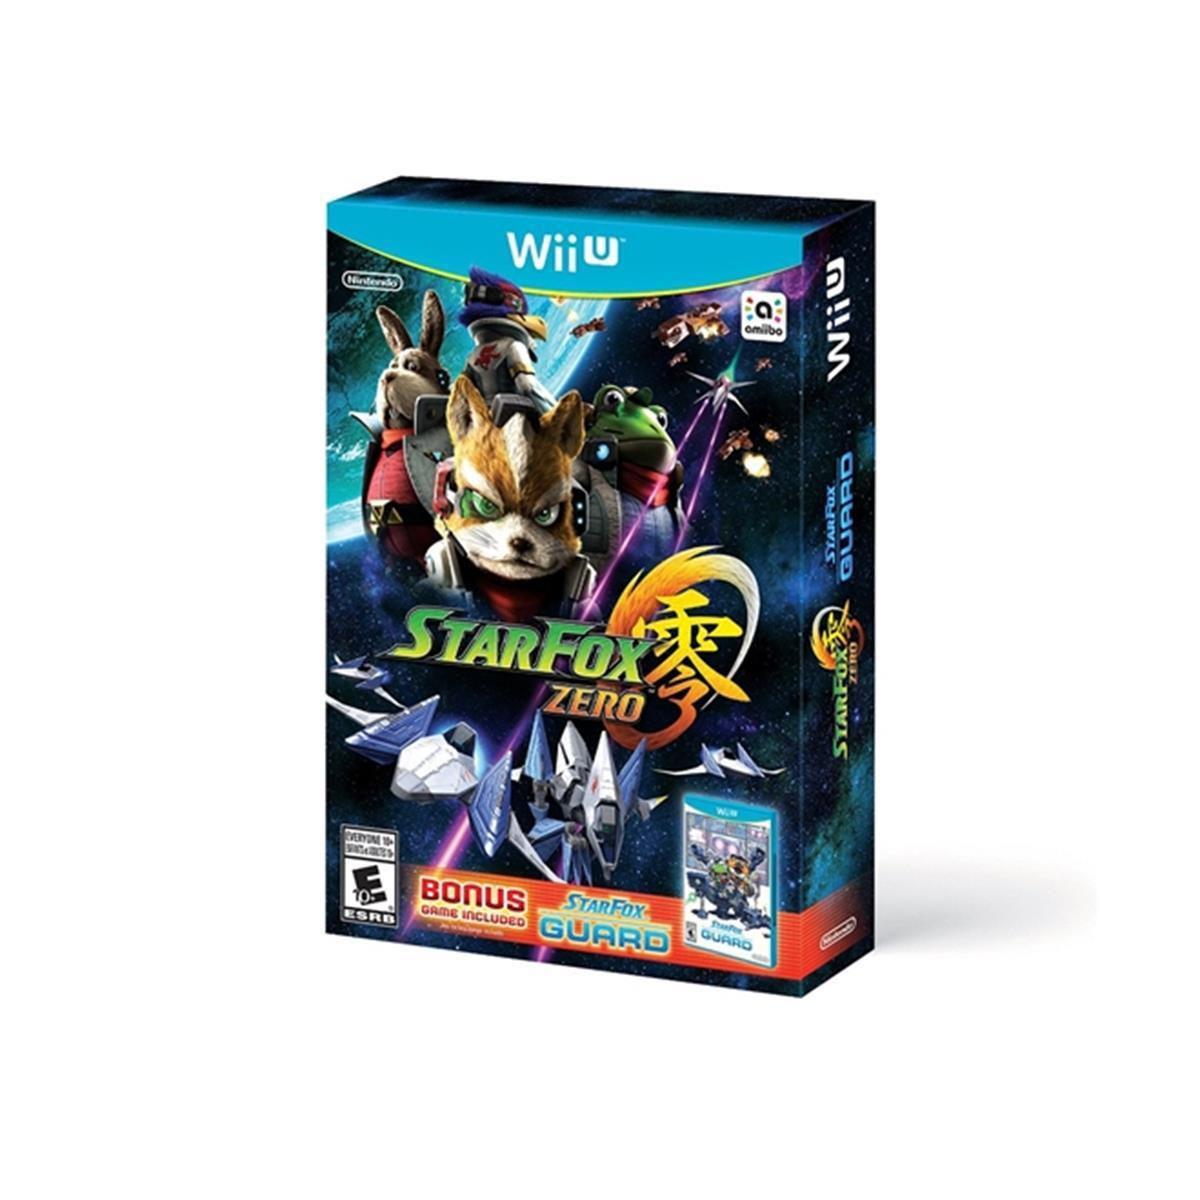 Starfox Zero USADO - Nintedo Wii U - EDIÇÃO ESPECIAL